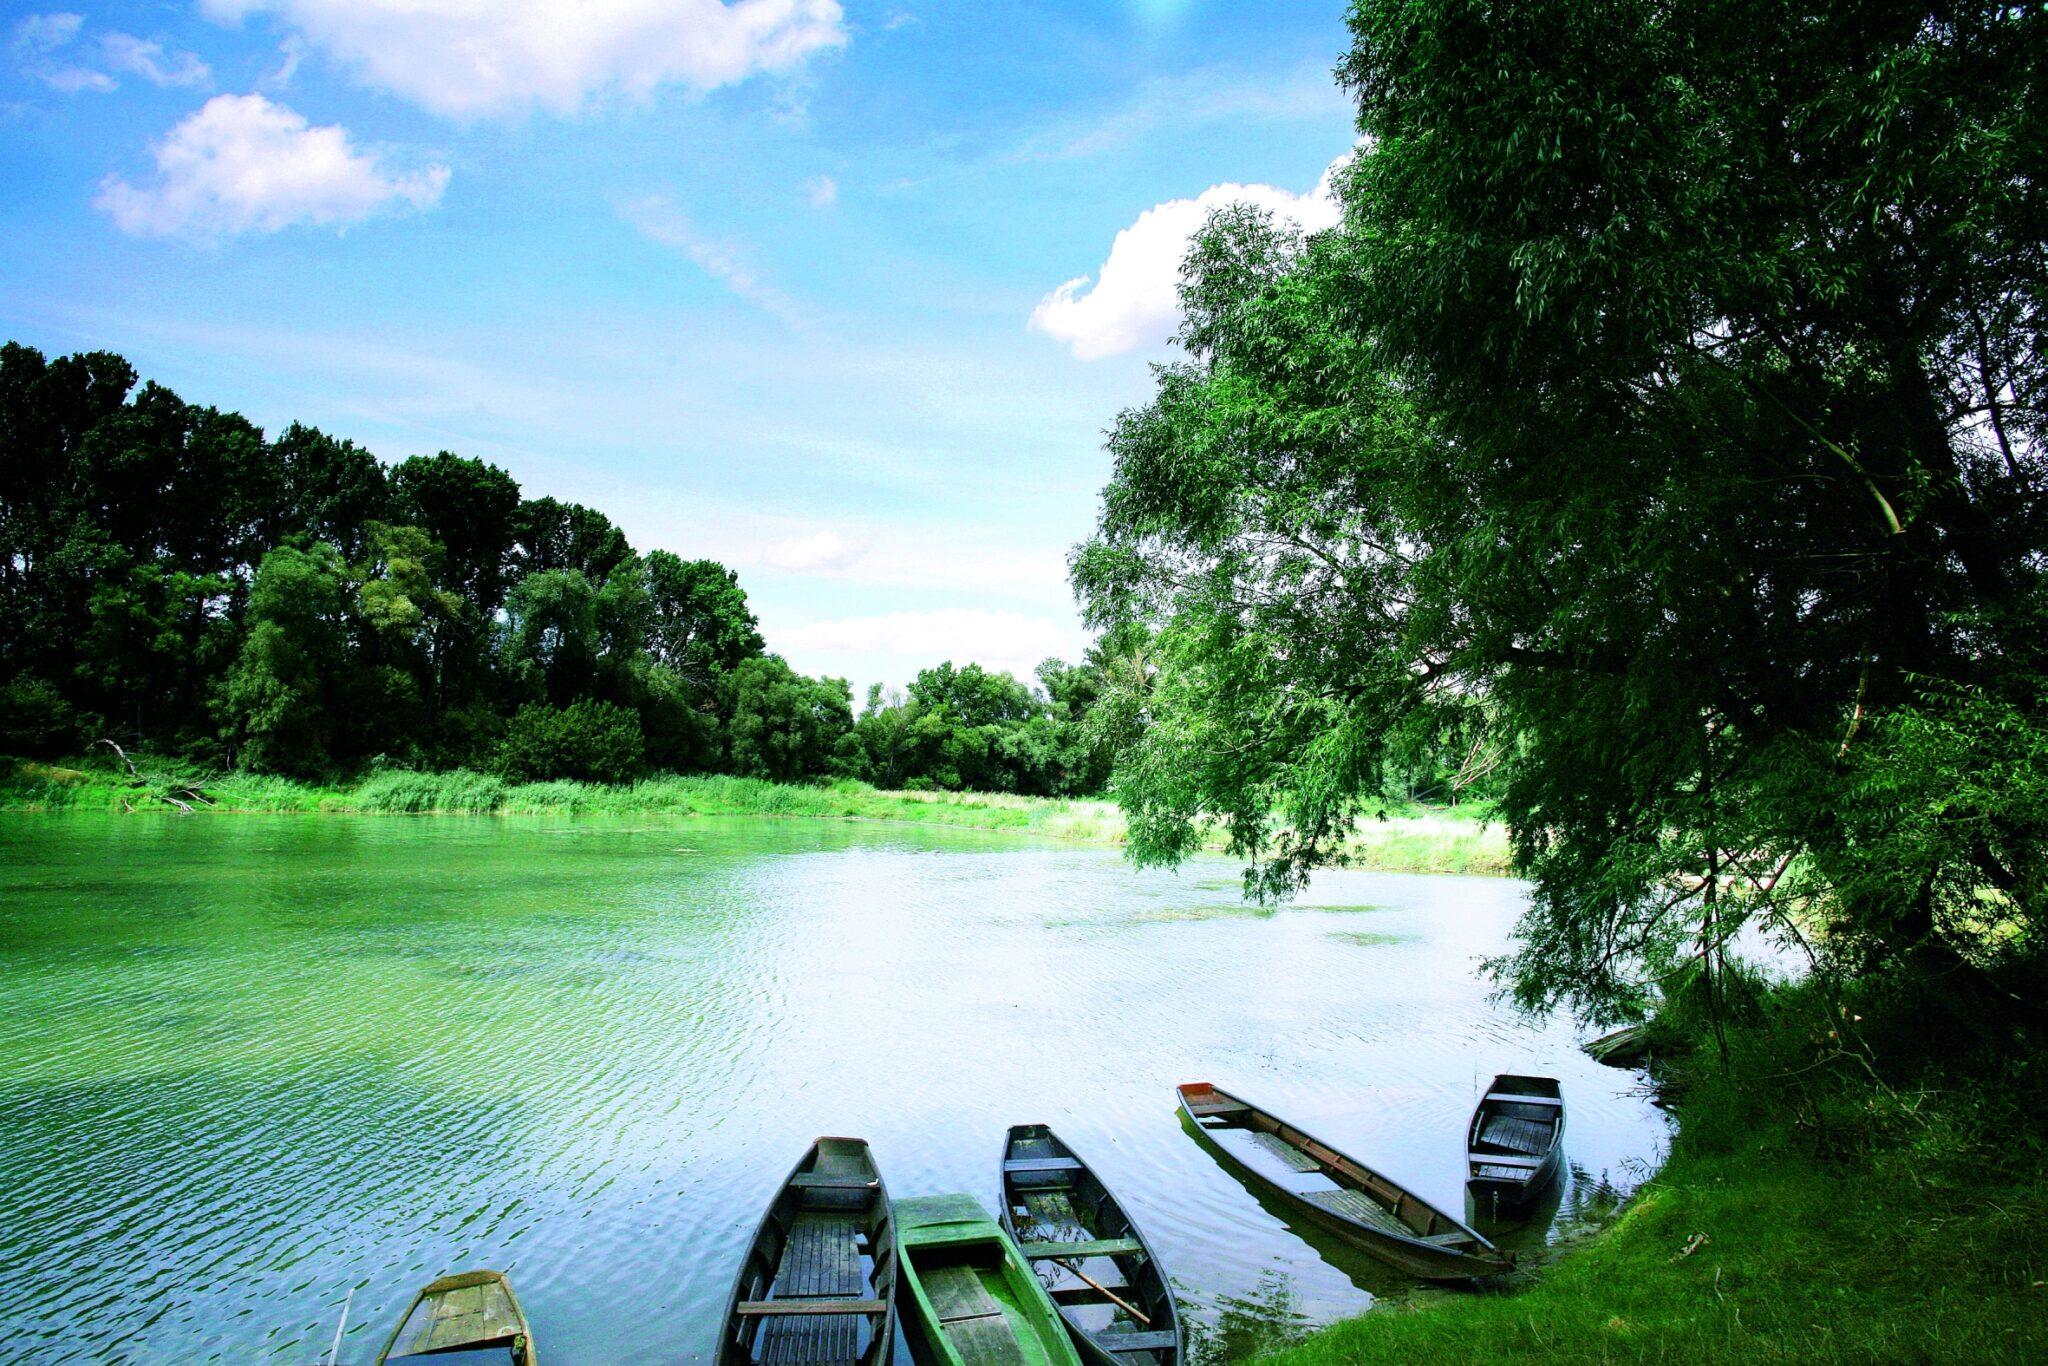 Das Bild zeigt ein Gewässer in der Lobau, dem Wiener Teil des Nationalparks Donau-Auen. Am Ufer ist dichter Baumbestand zu sehen, im Vordergrund liegen einige Holzboote im Wasser. © Jürgen Staudacher